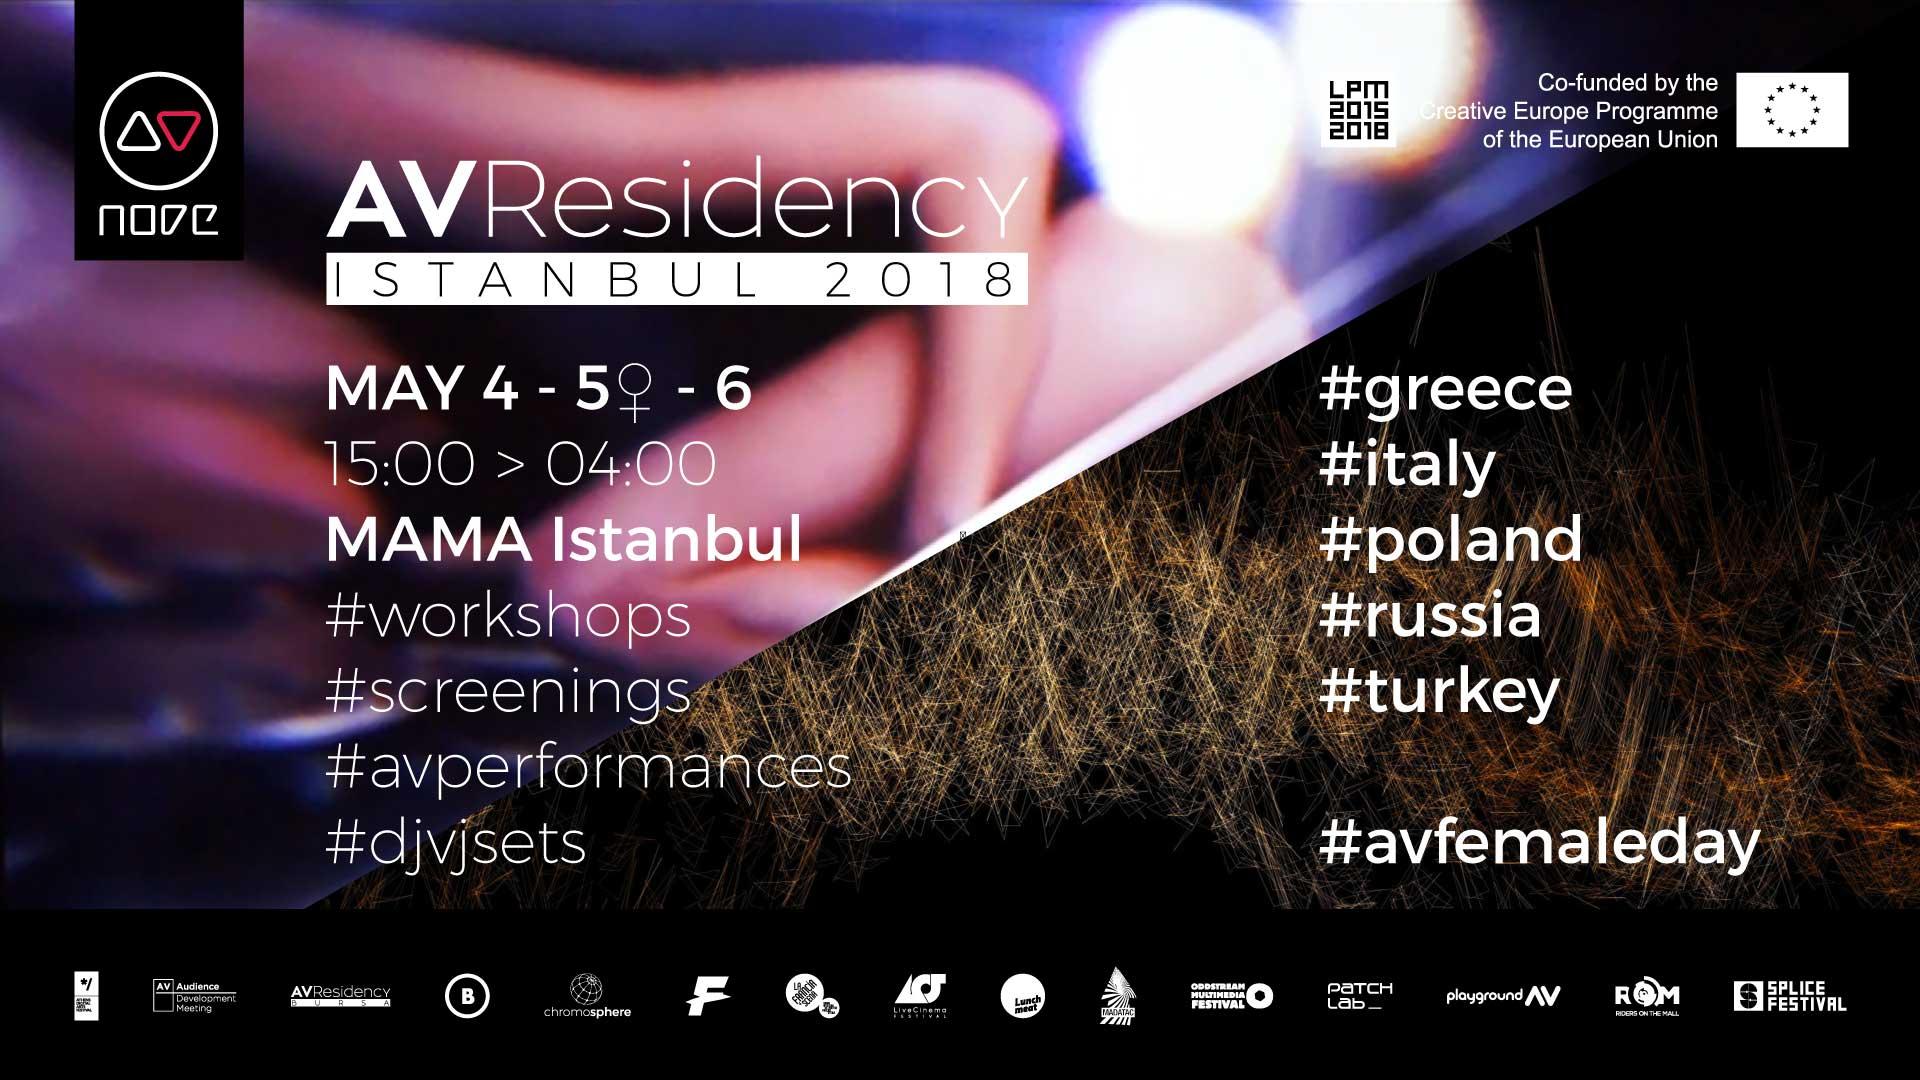 Istanbul AV Residency 2018 | LPM 2015 > 2018